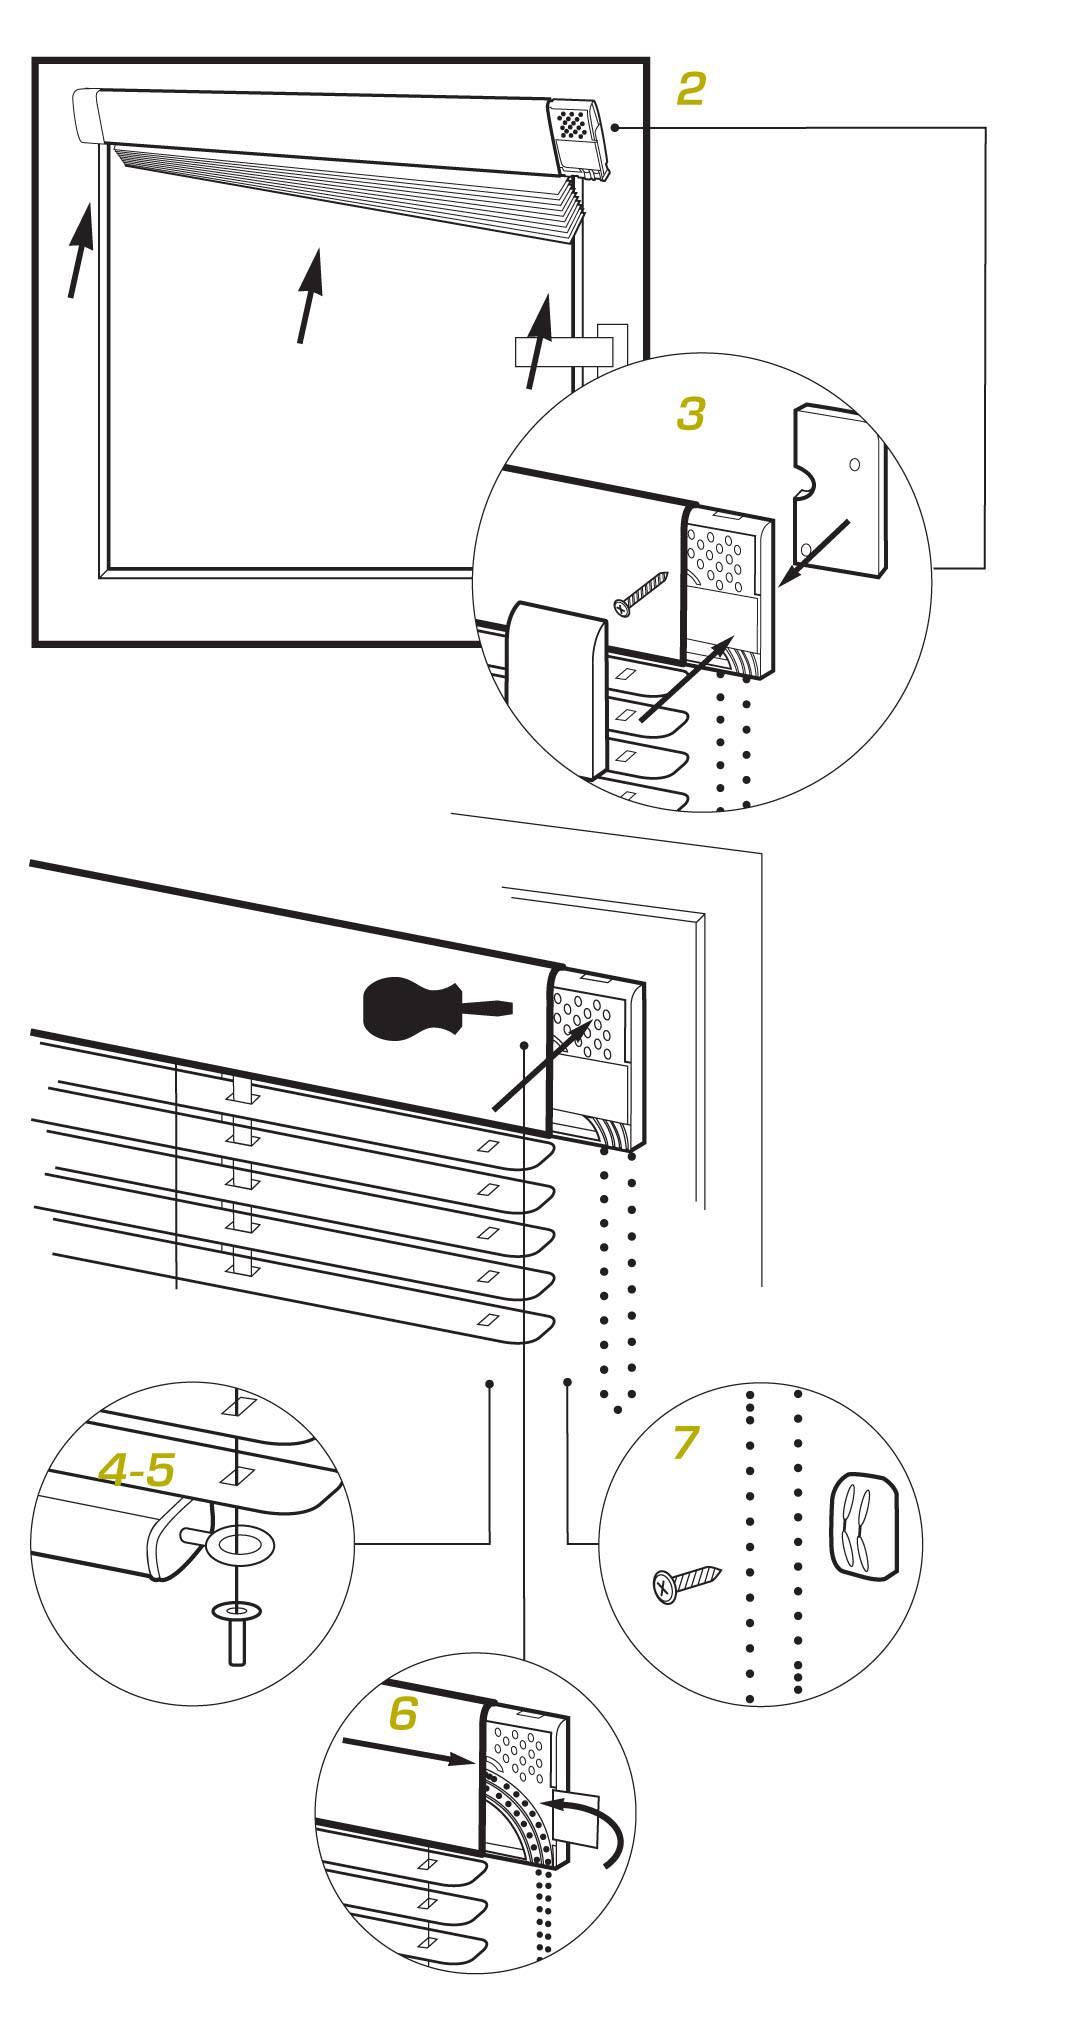 Установка вертикальных жалюзи (17 фото): как крепить к потолку и вешать на стену, инструкция монтажа на пластиковые окна тканевых моделей